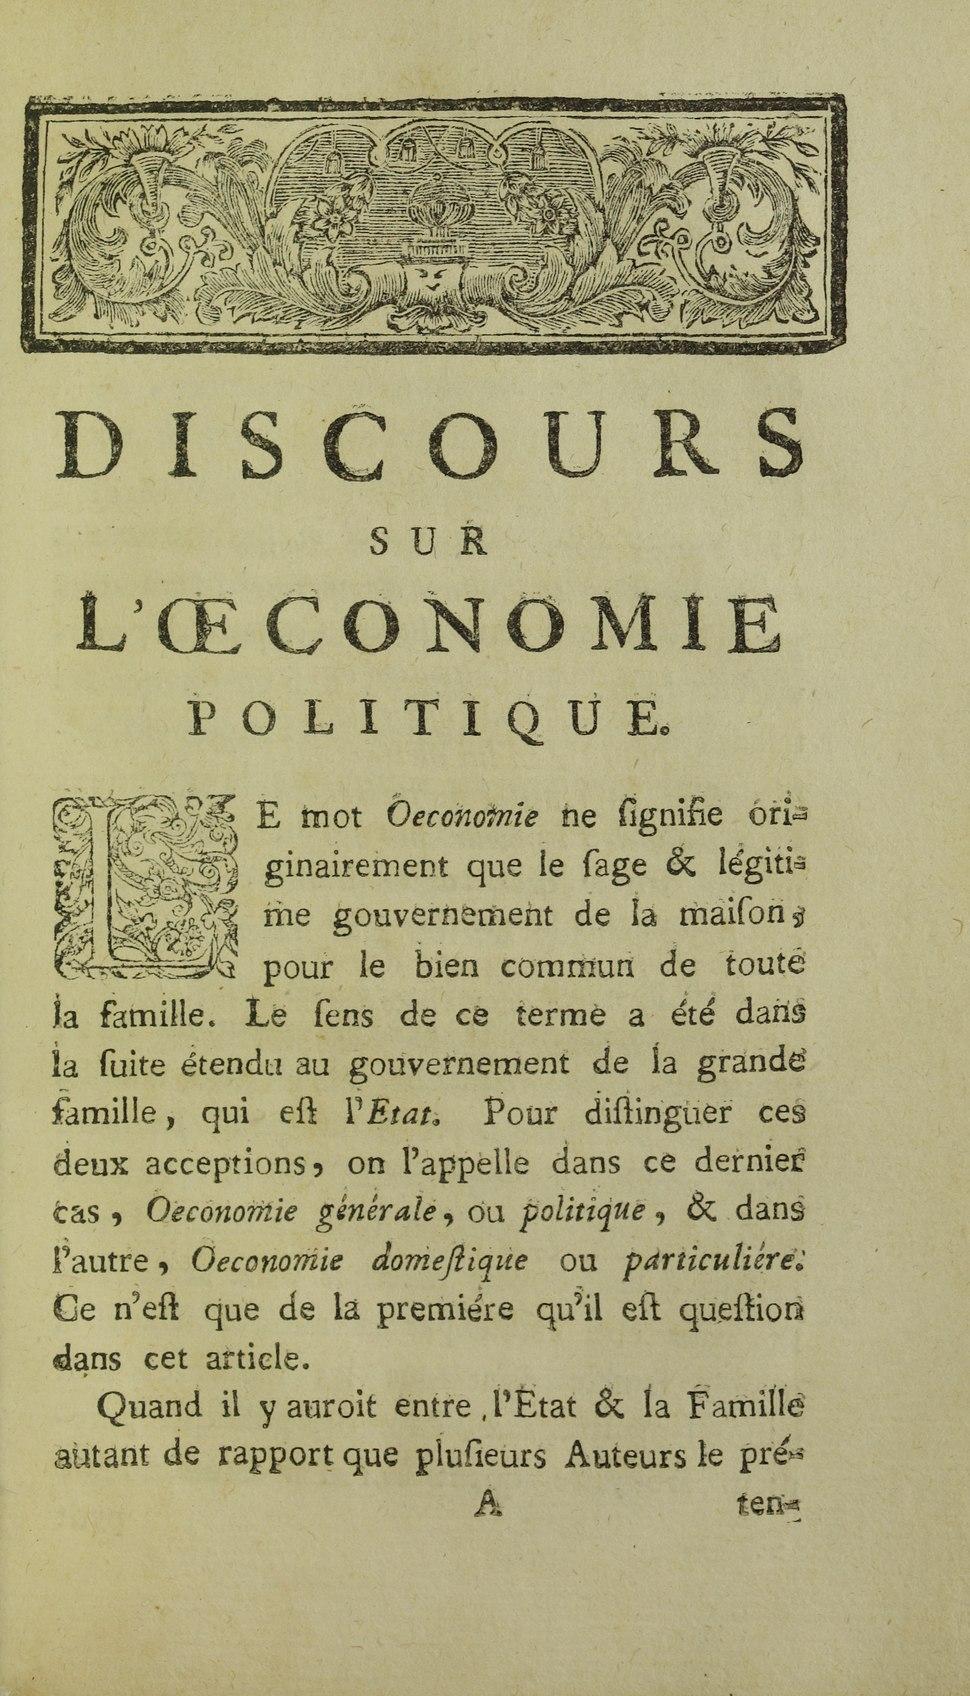 Rousseau - Discours sur l%27oeconomie politique, 1758 - 5884558